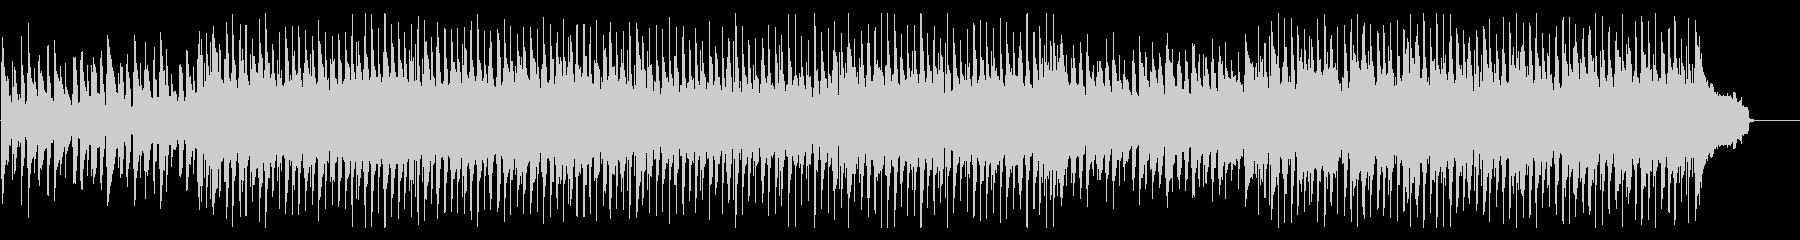 アップテンポで楽しげなコーポレートBGMの未再生の波形